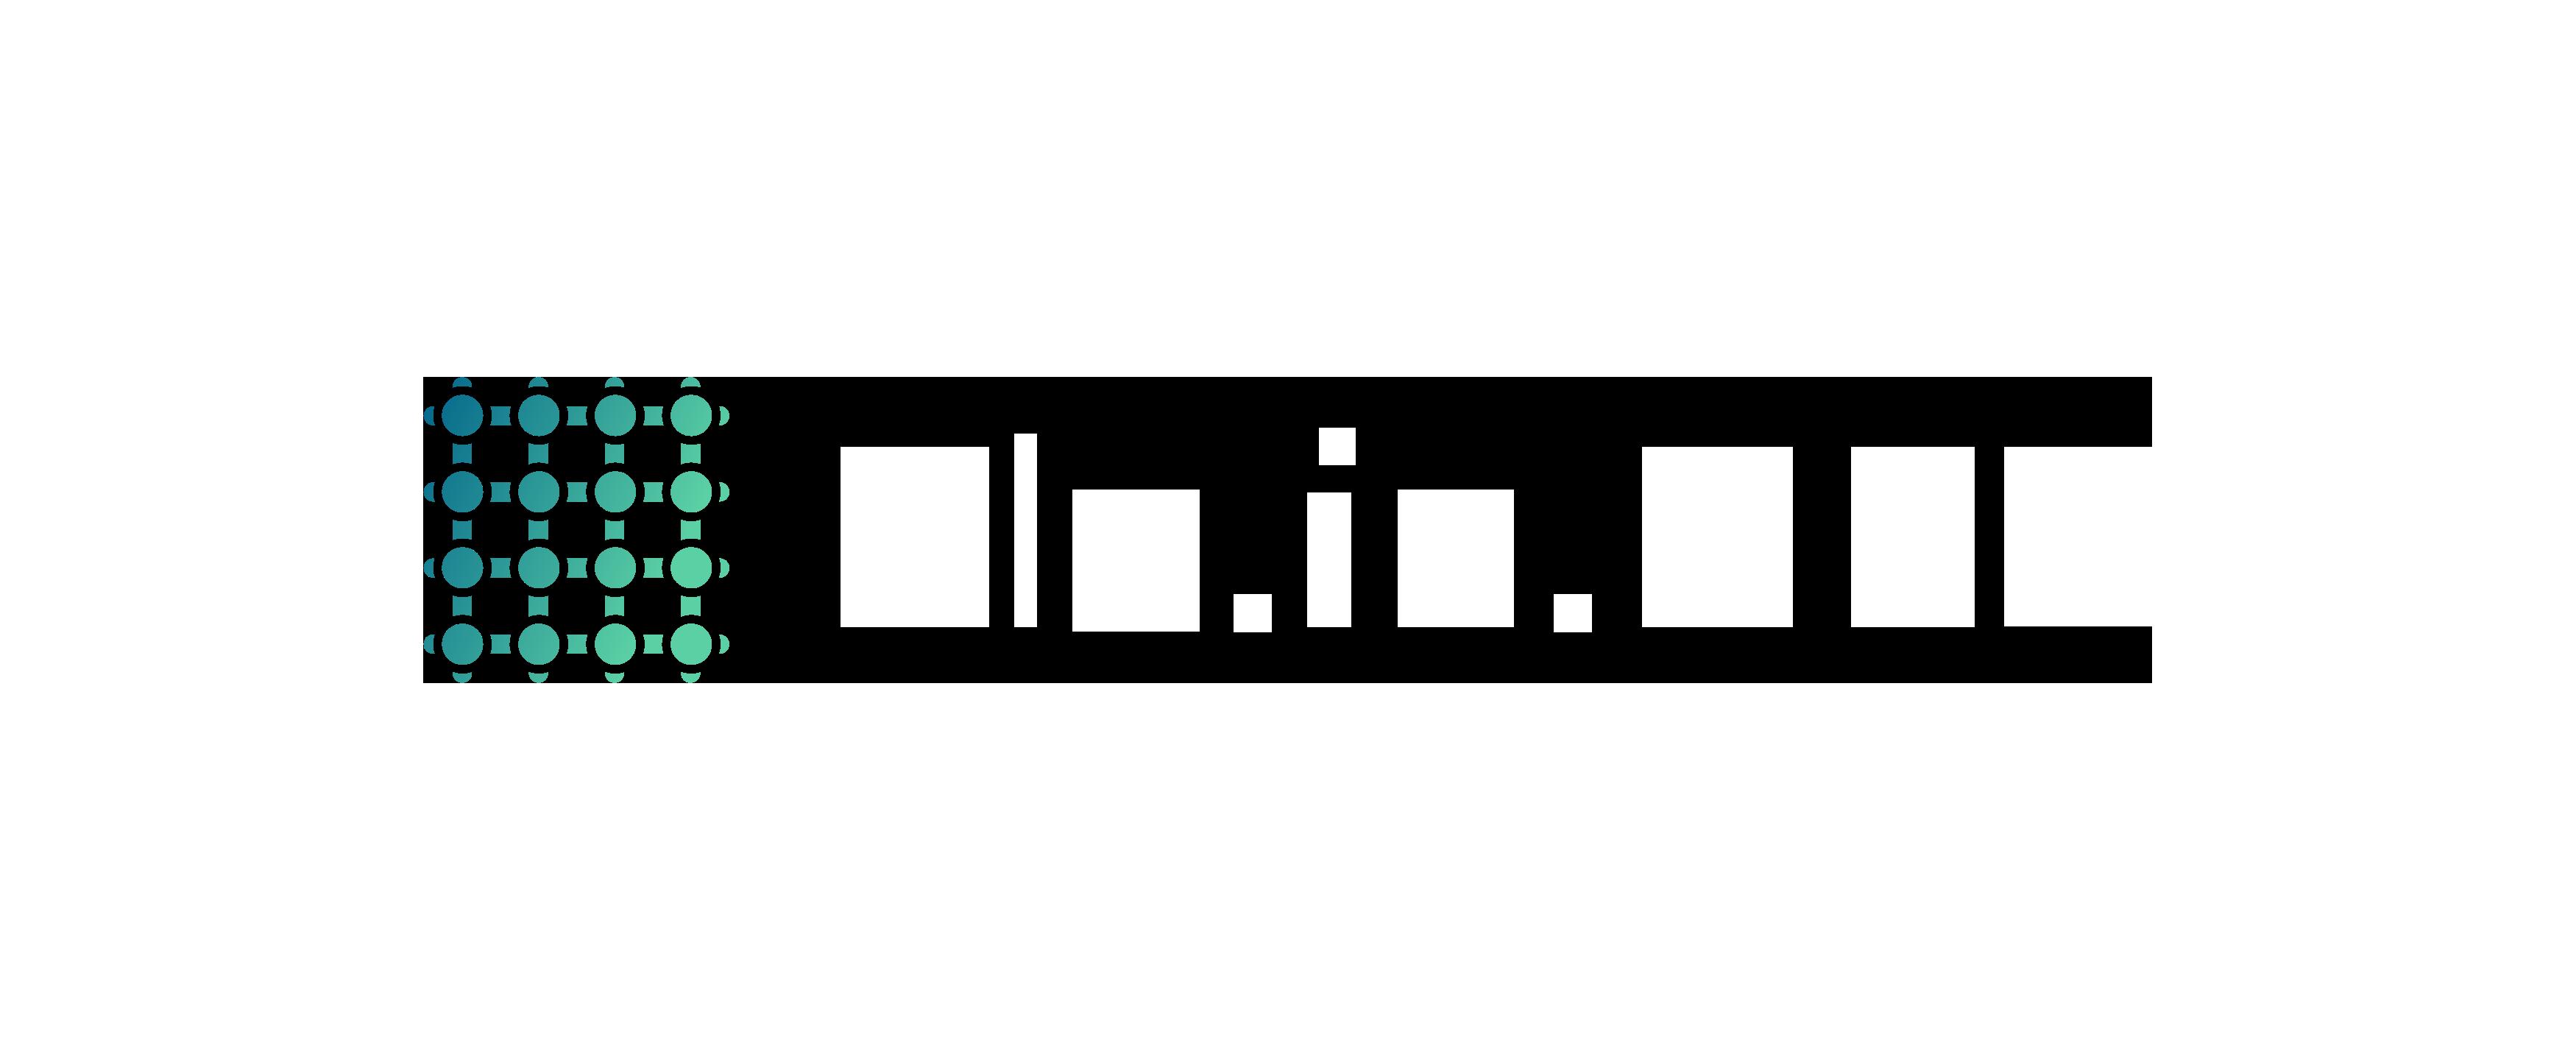 Kle.in.NET